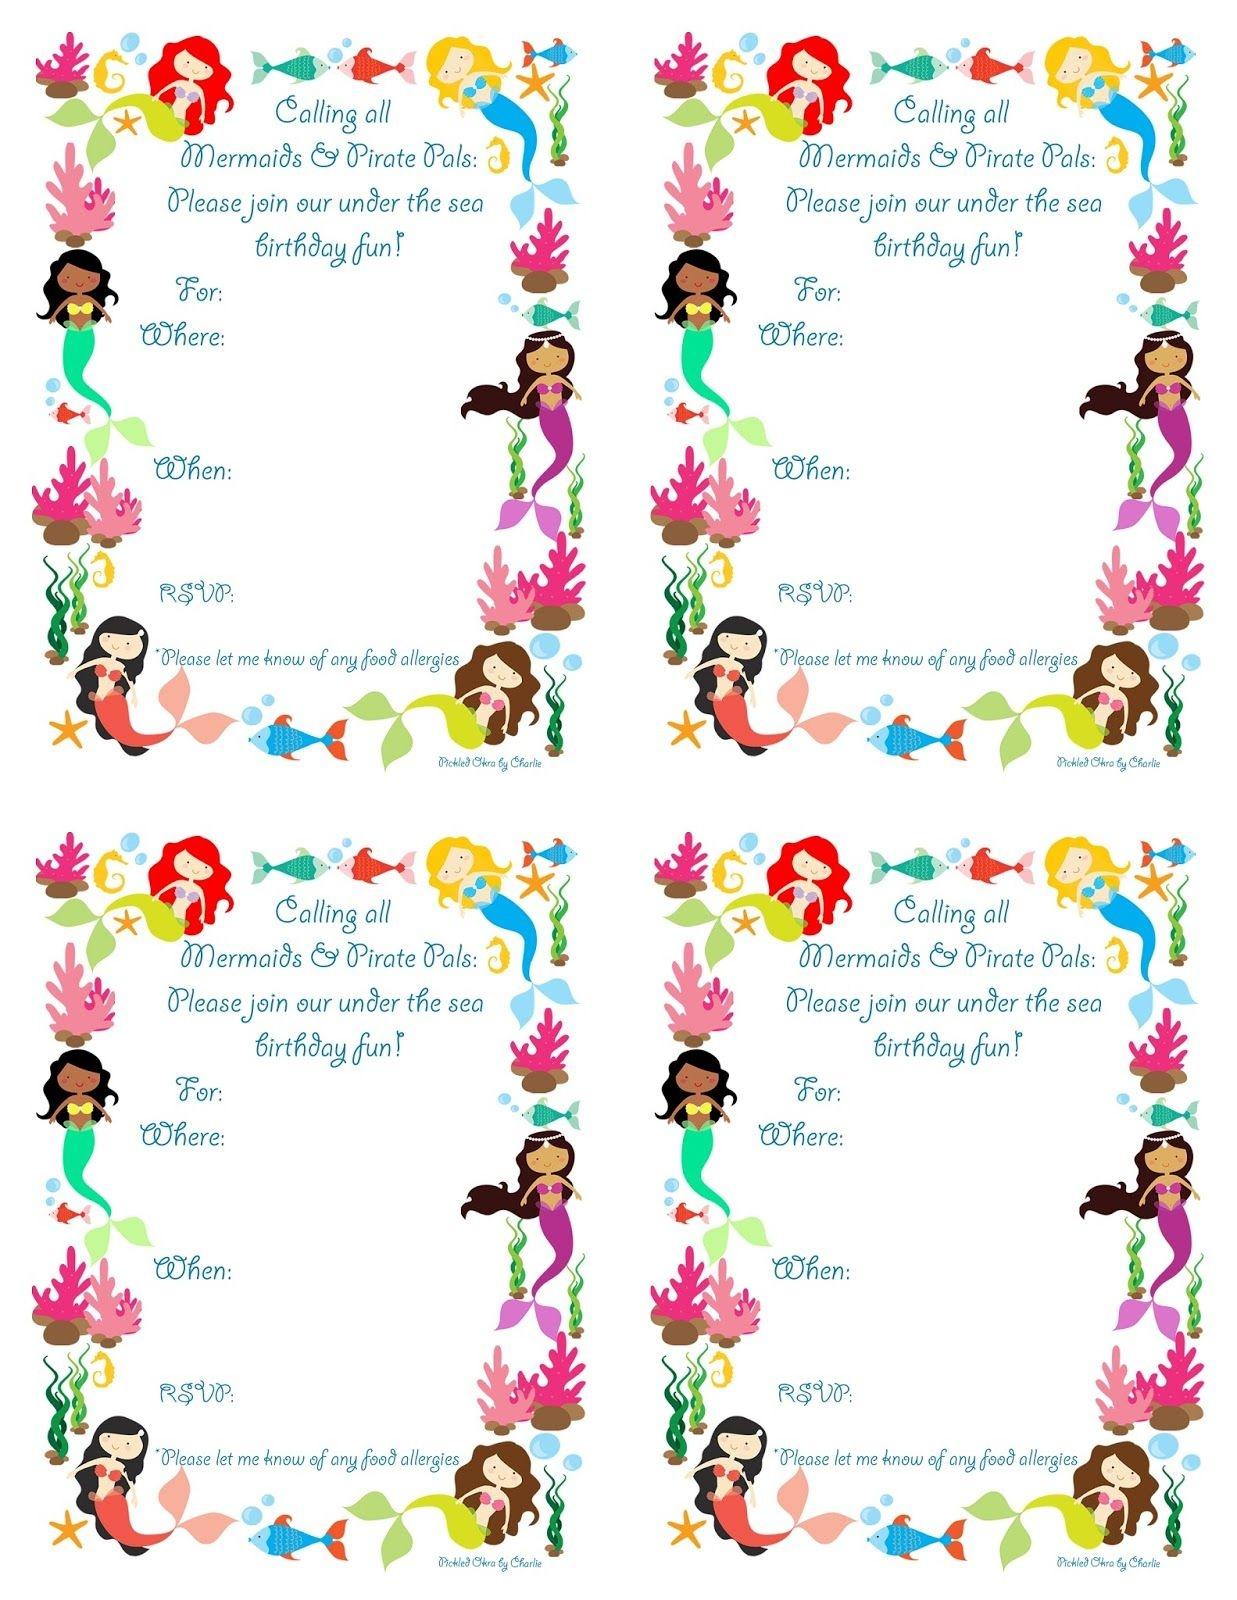 Pickled Okracharlie: Mermaid Bithday Party Invitations, Free - Mermaid Party Invitations Printable Free